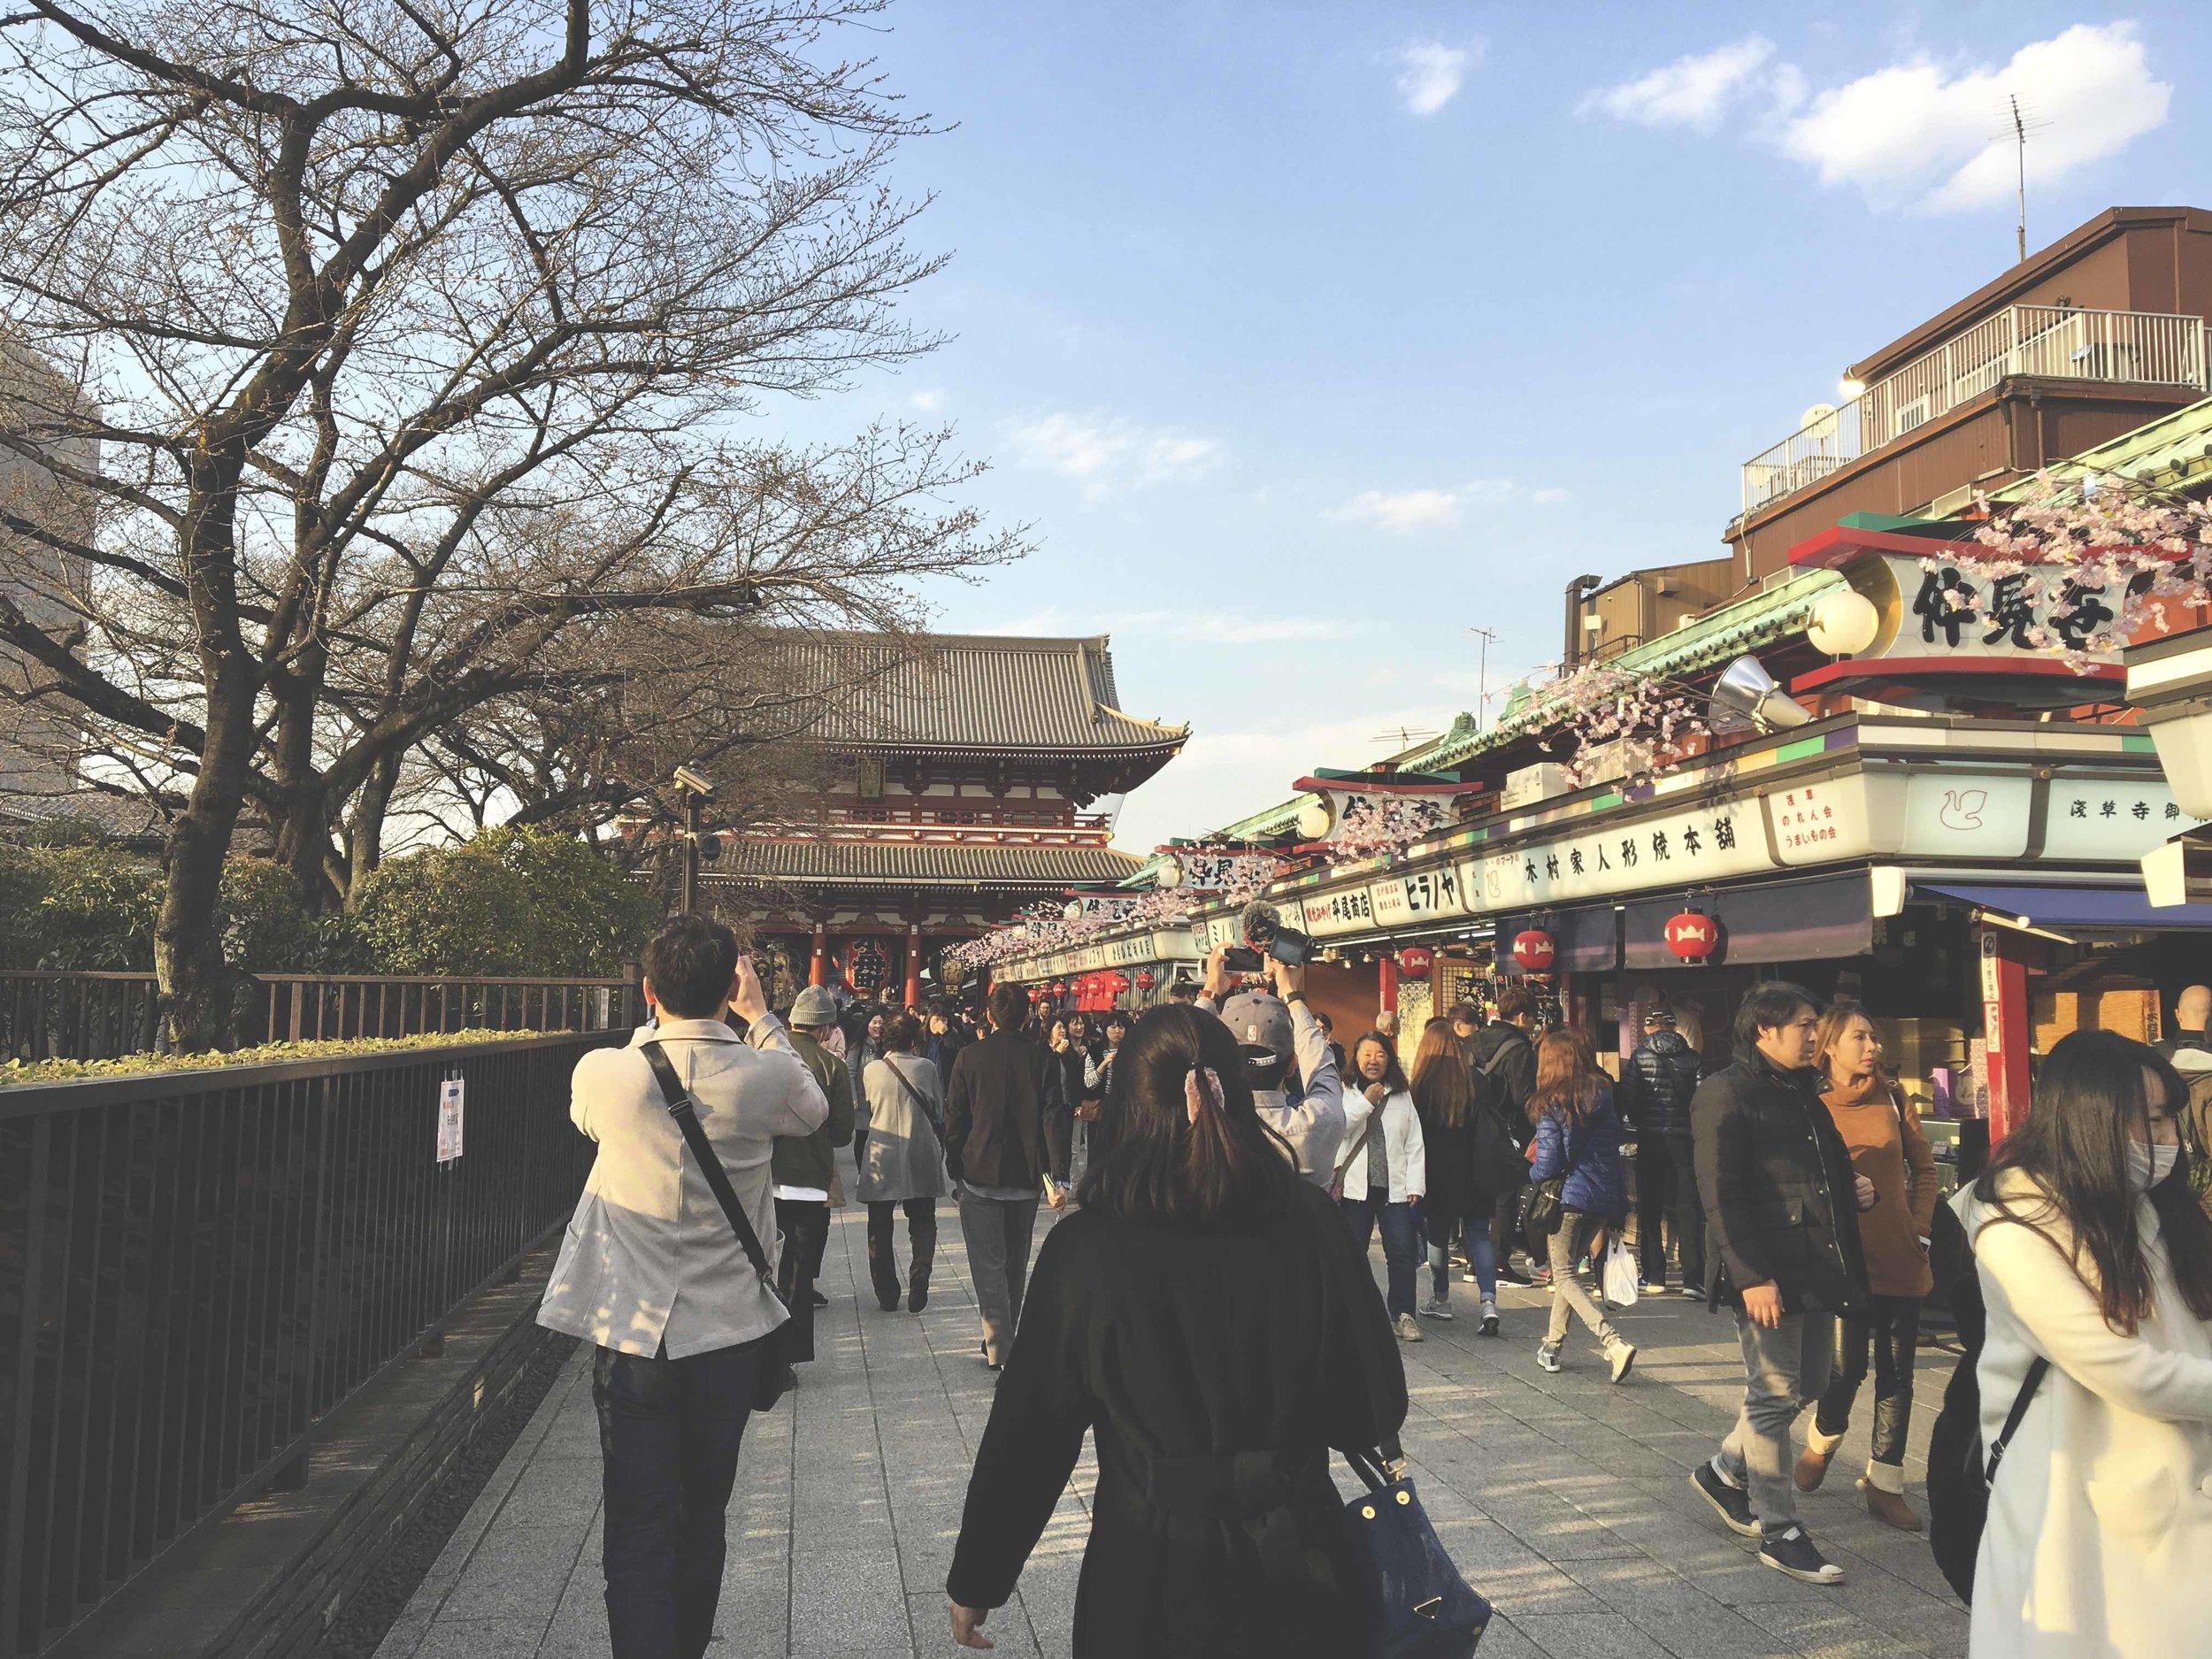 O comércio na rua Nakamise-dori e ao fundo o templo Senso-Ji